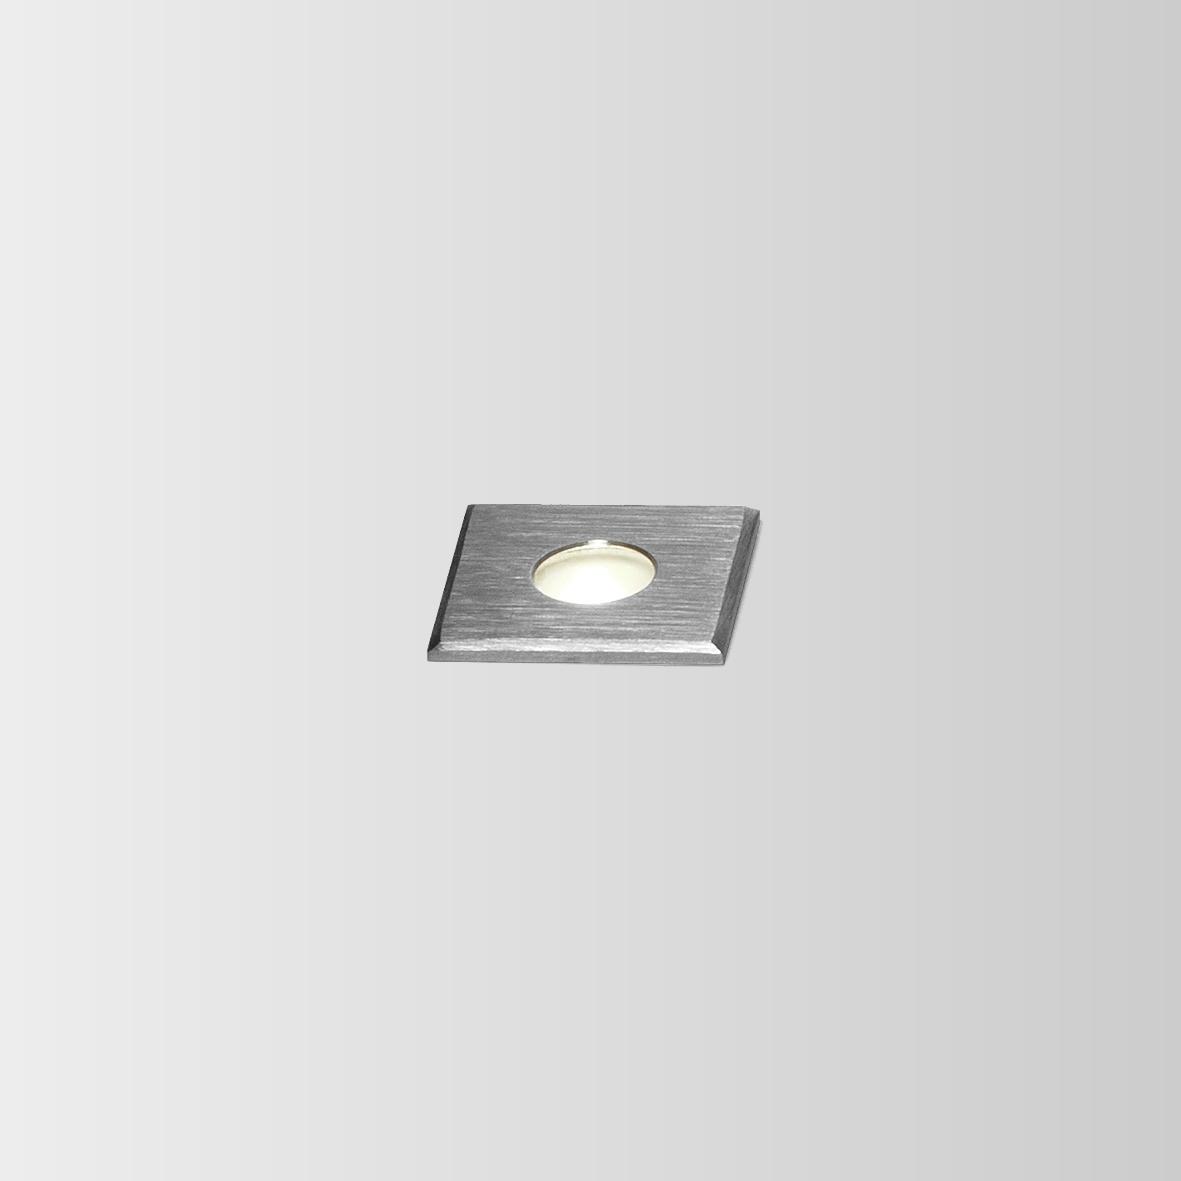 CARD 0.2 LED 3000K INOX 1W 80CRI 350mA, välisvalgusti süvistatud pinnasesse